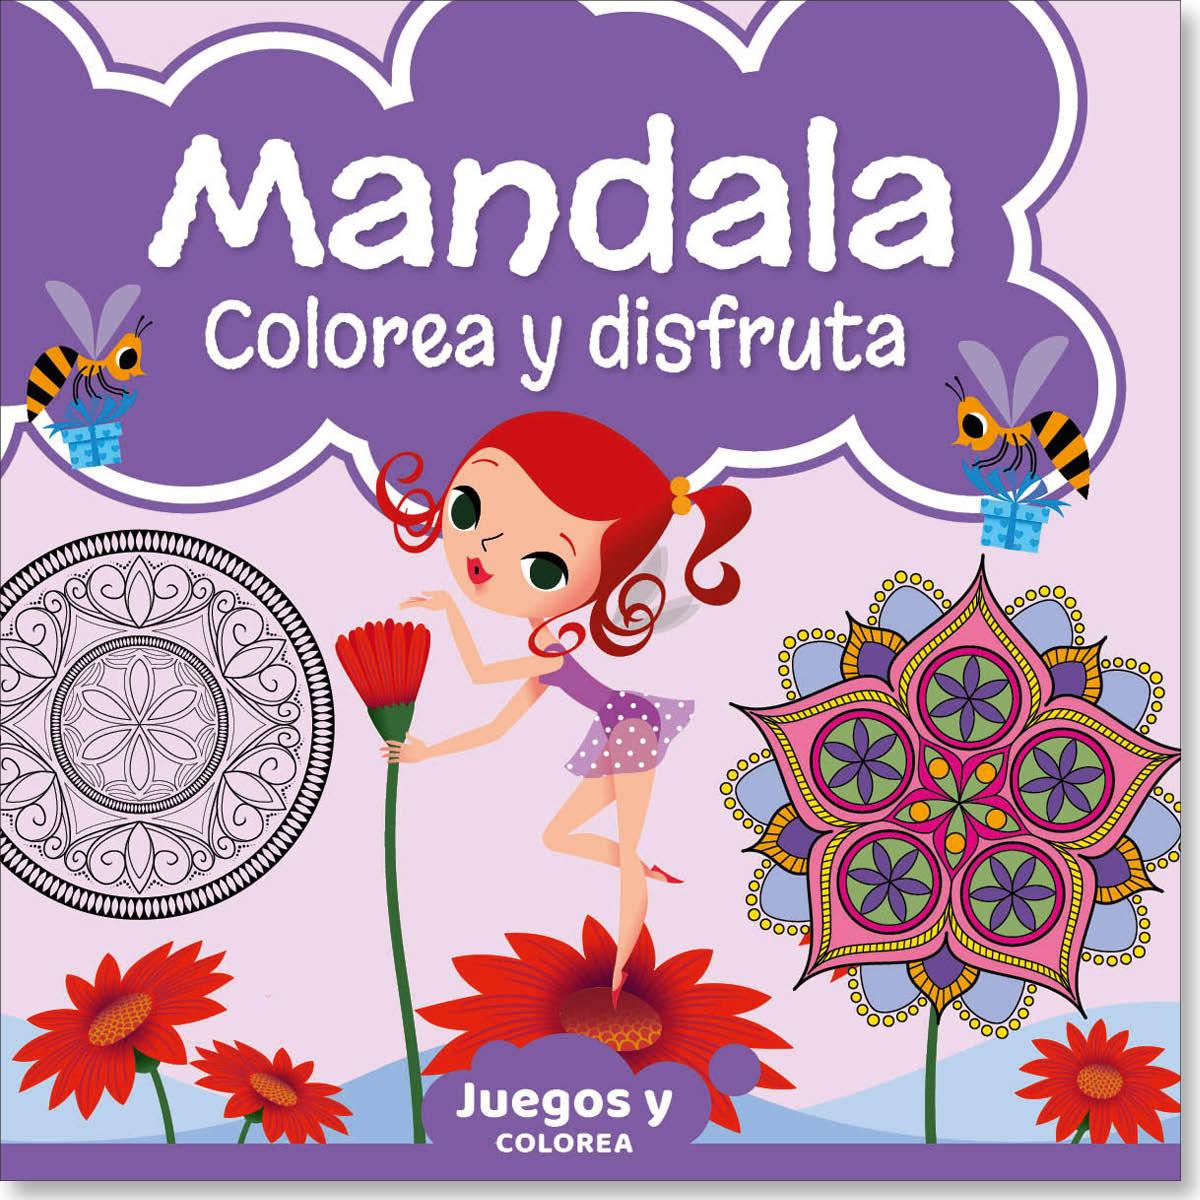 Mandala Colorea y Disfruta Vol2